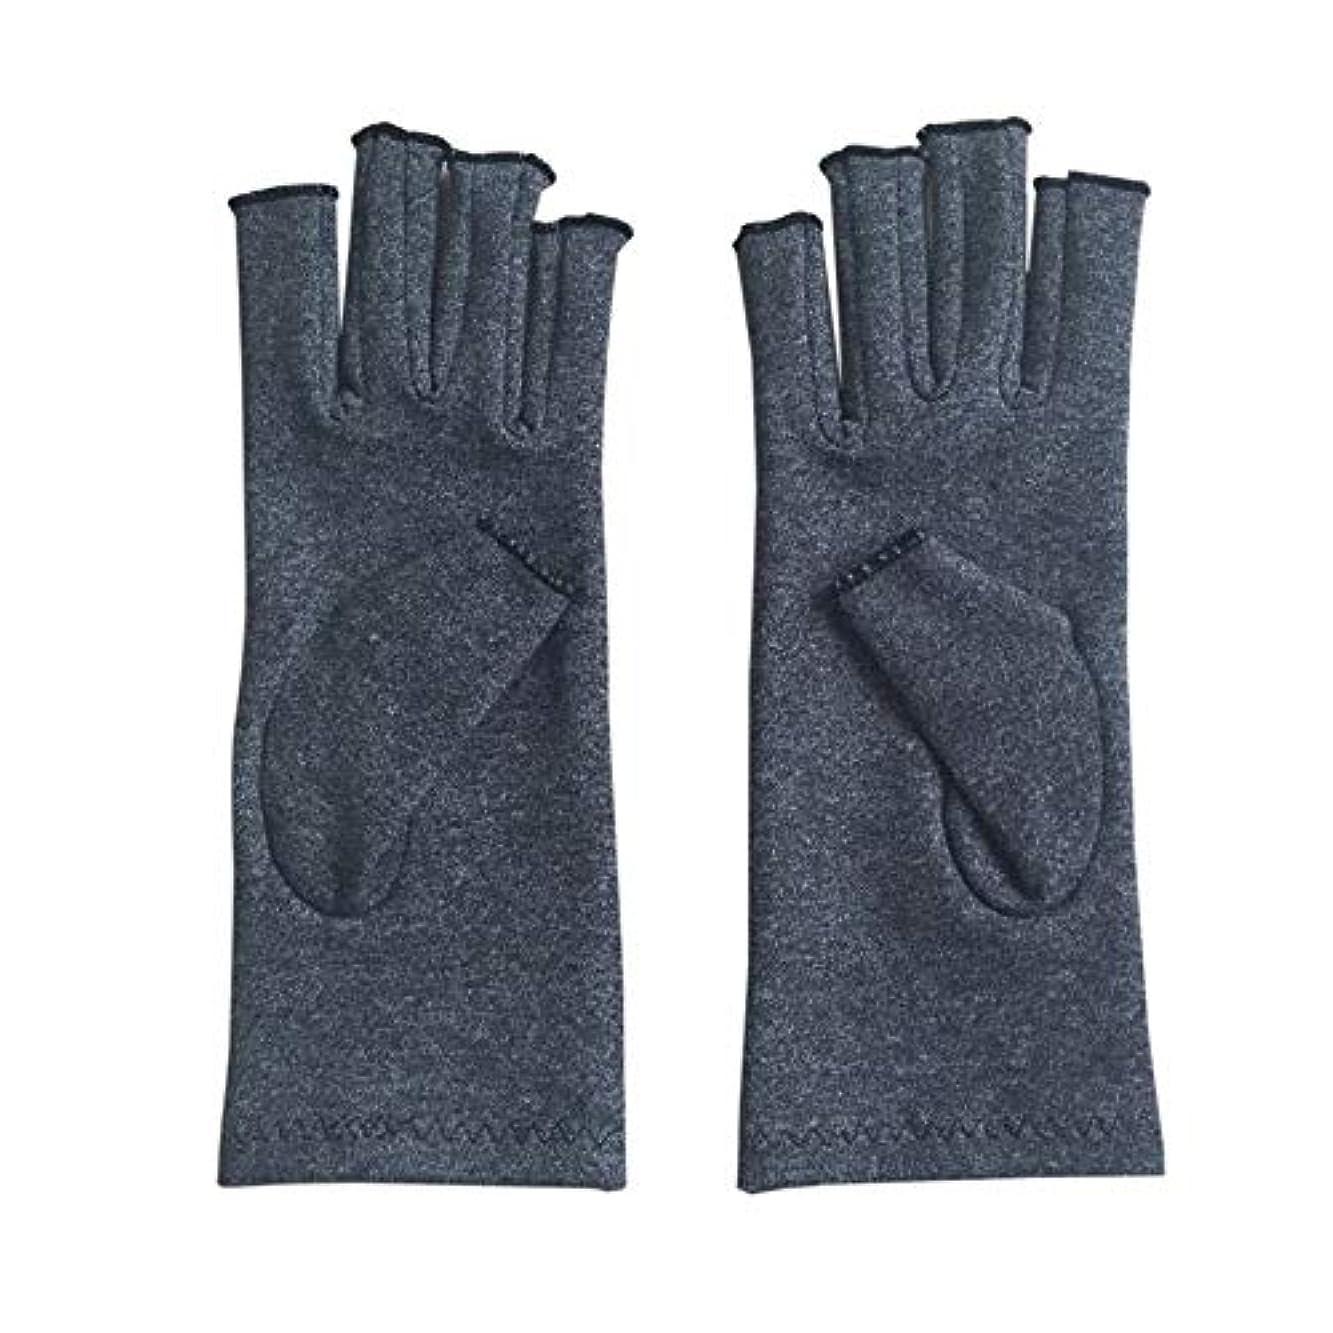 グリット着替えるギャングAペア/セット快適な男性用女性療法圧縮手袋無地通気性関節炎関節痛緩和手袋 - グレー